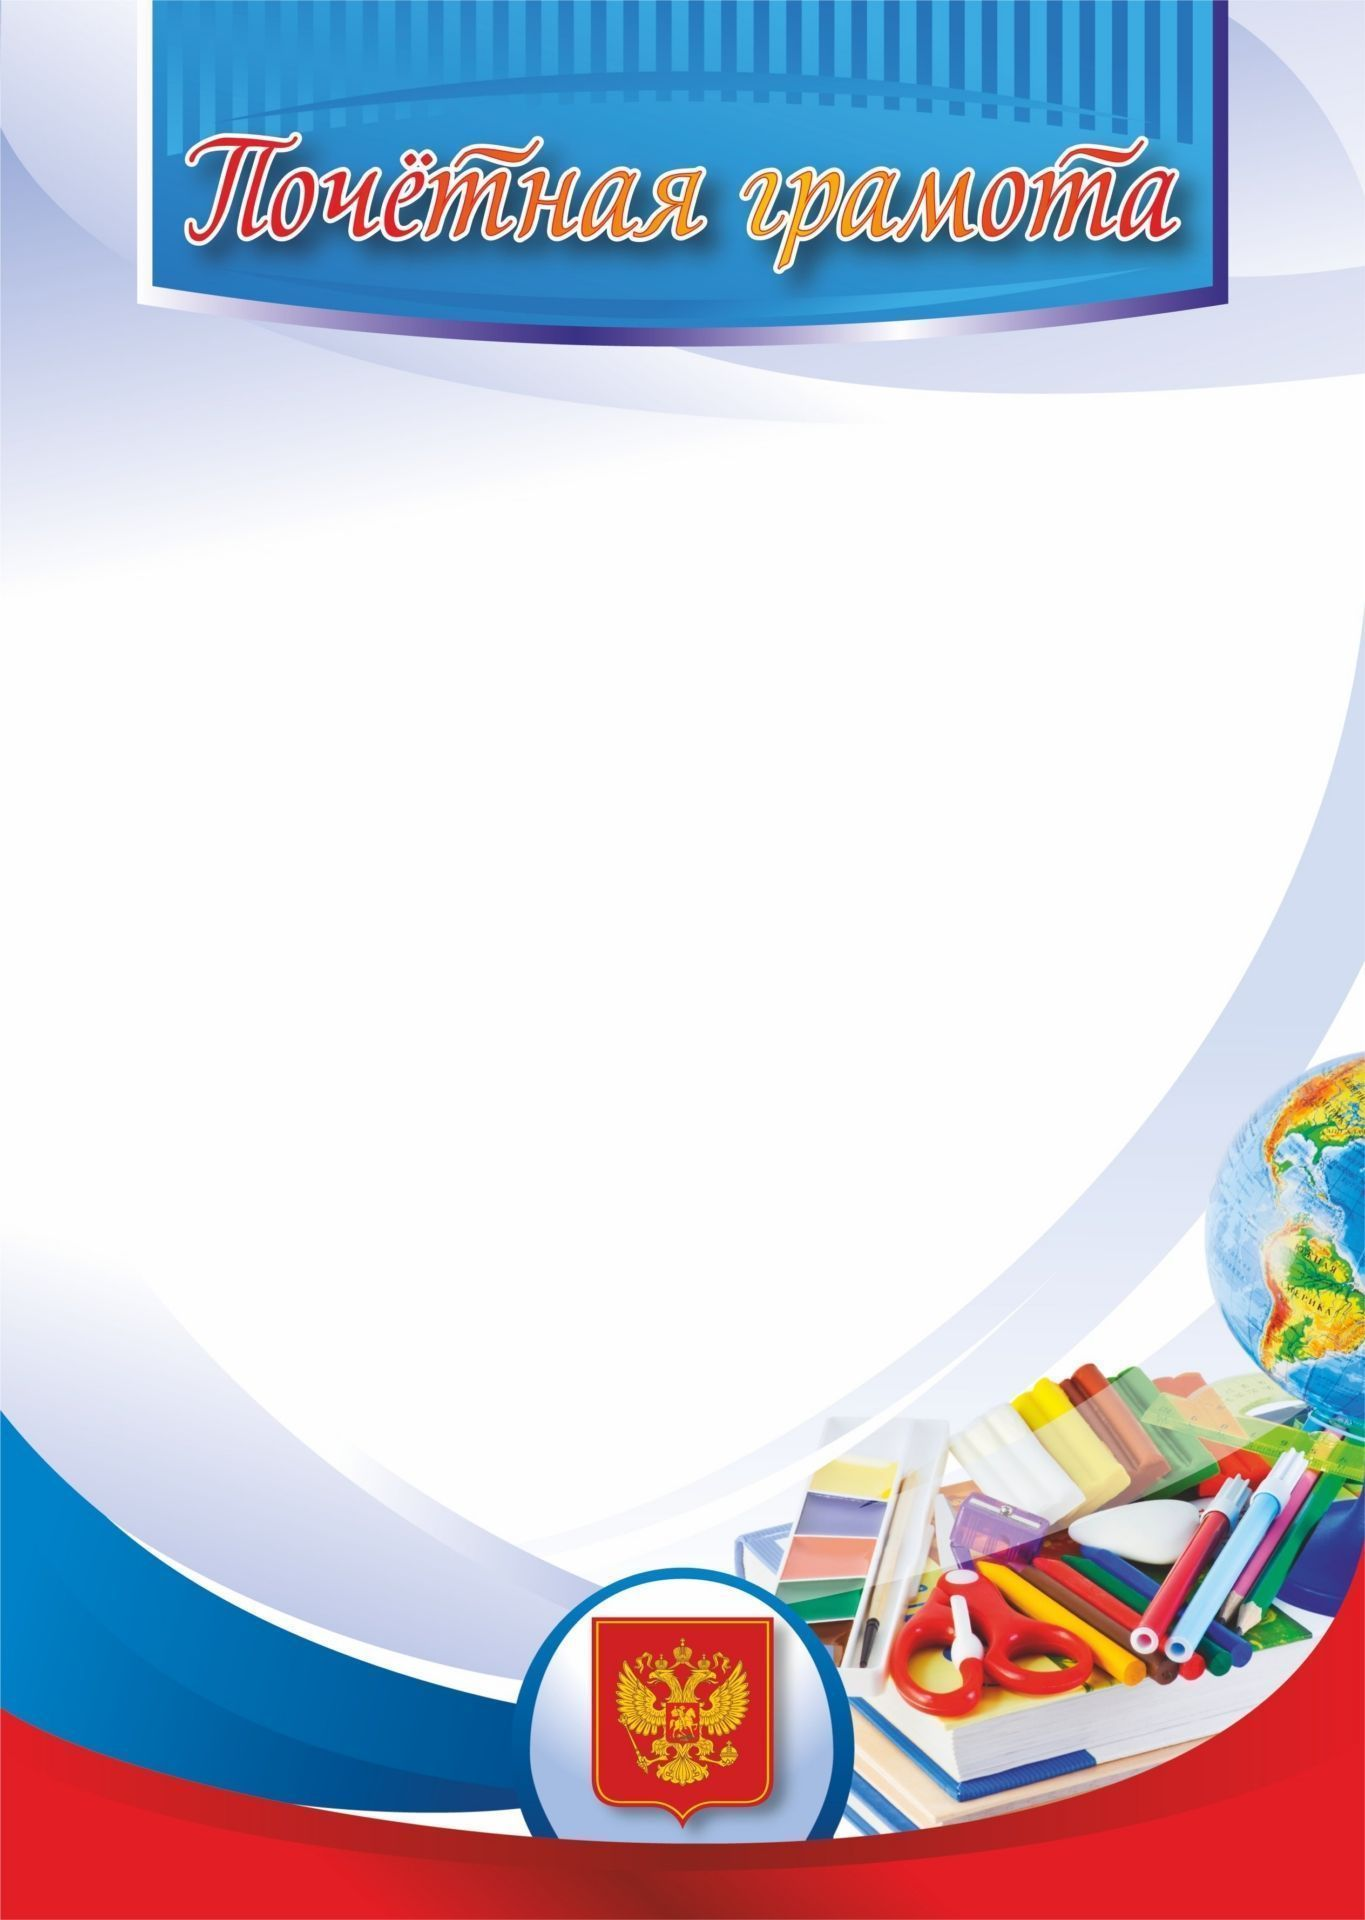 Почётная грамота (с учебной символикой)Общего назначения<br>Материалы:на обложку - бумага мелованная, пл. 250.00.<br><br>Год: 2017<br>Высота: 297<br>Ширина: 210